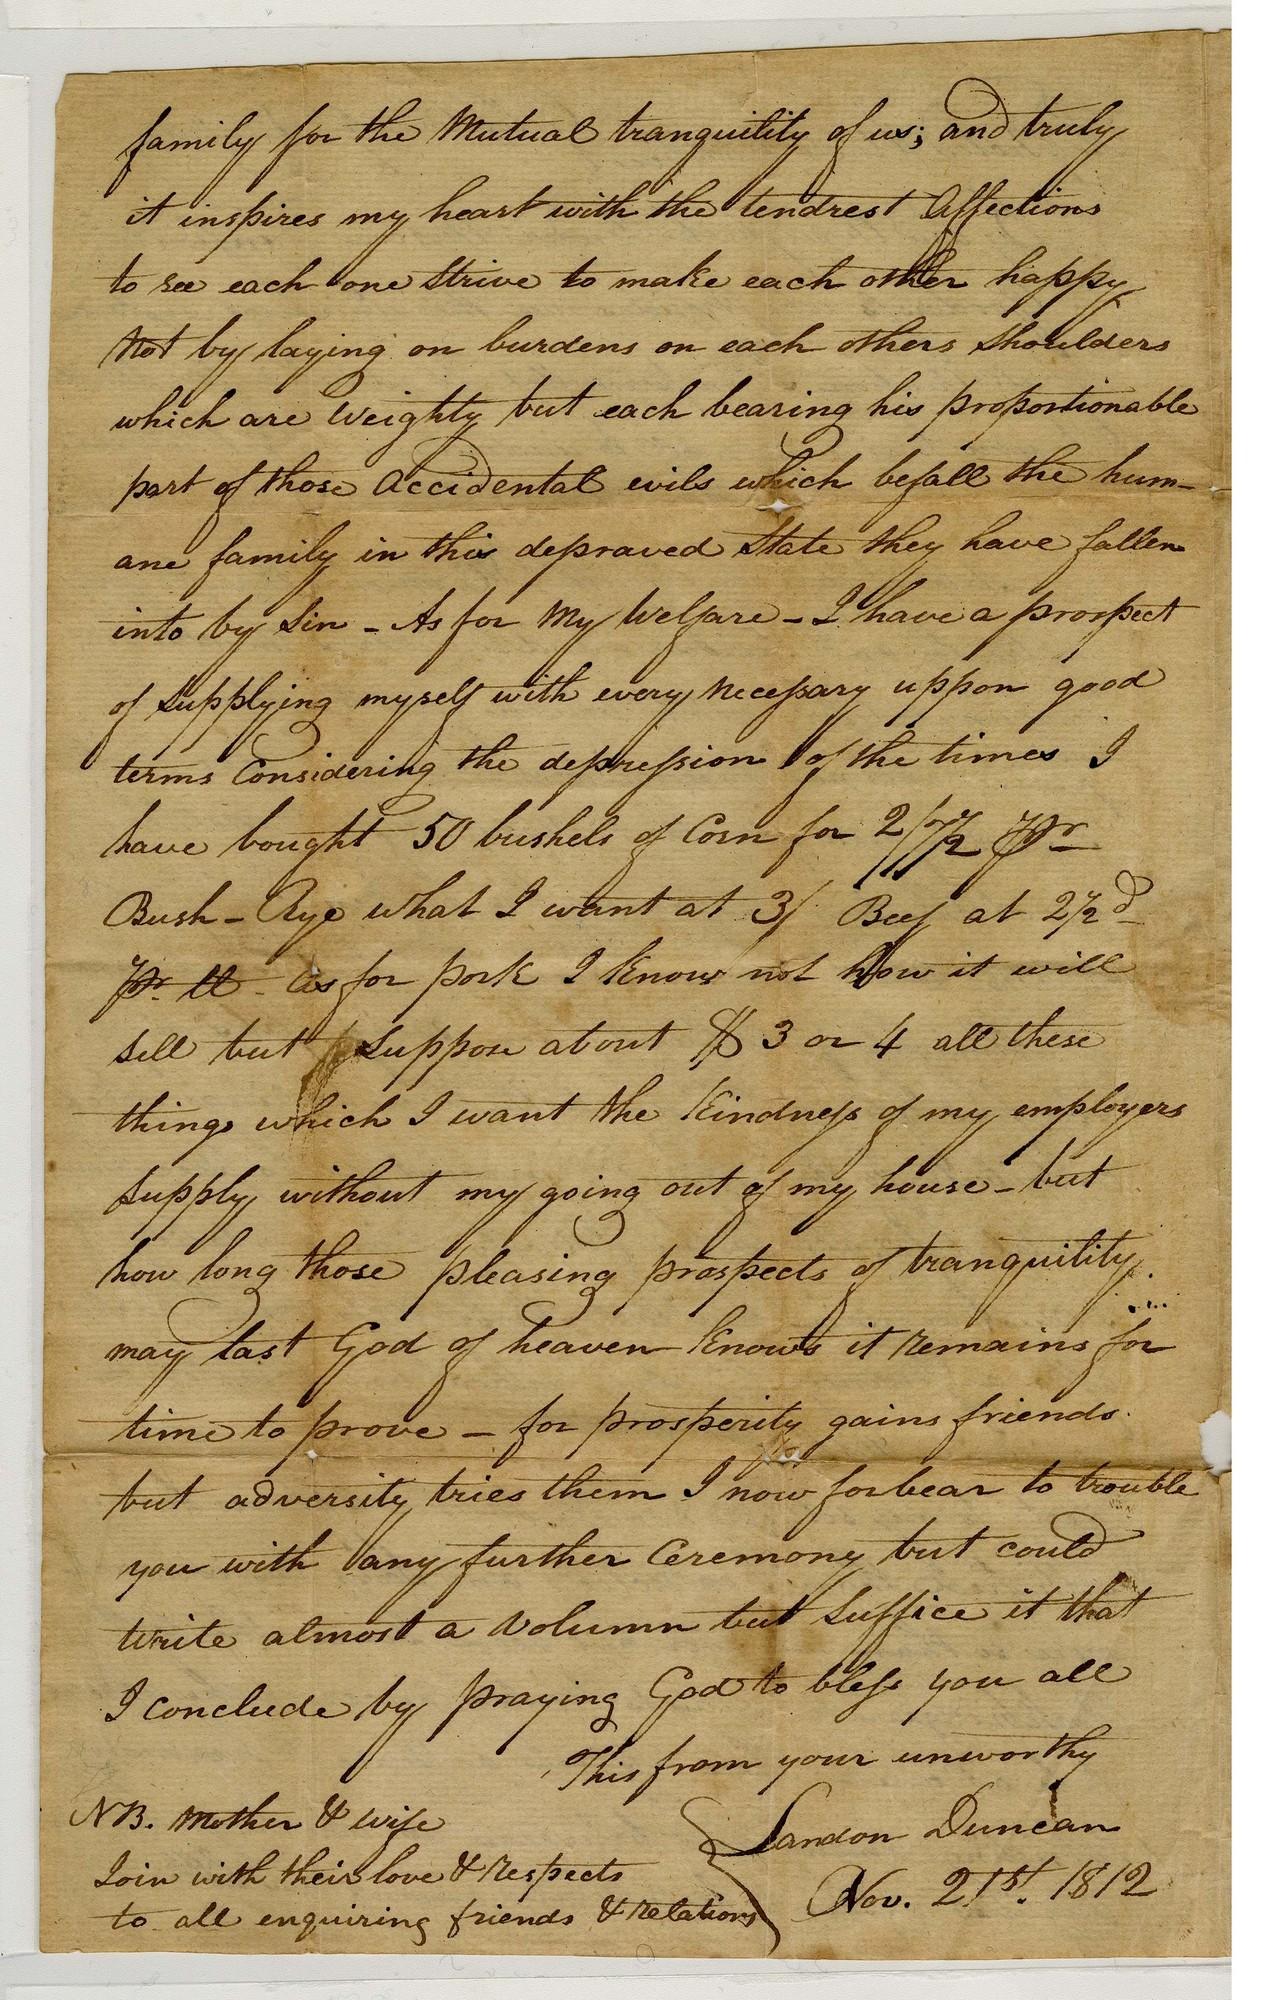 Ms1997_023_DuncanLandon_Letter_1812_1121b.jpg